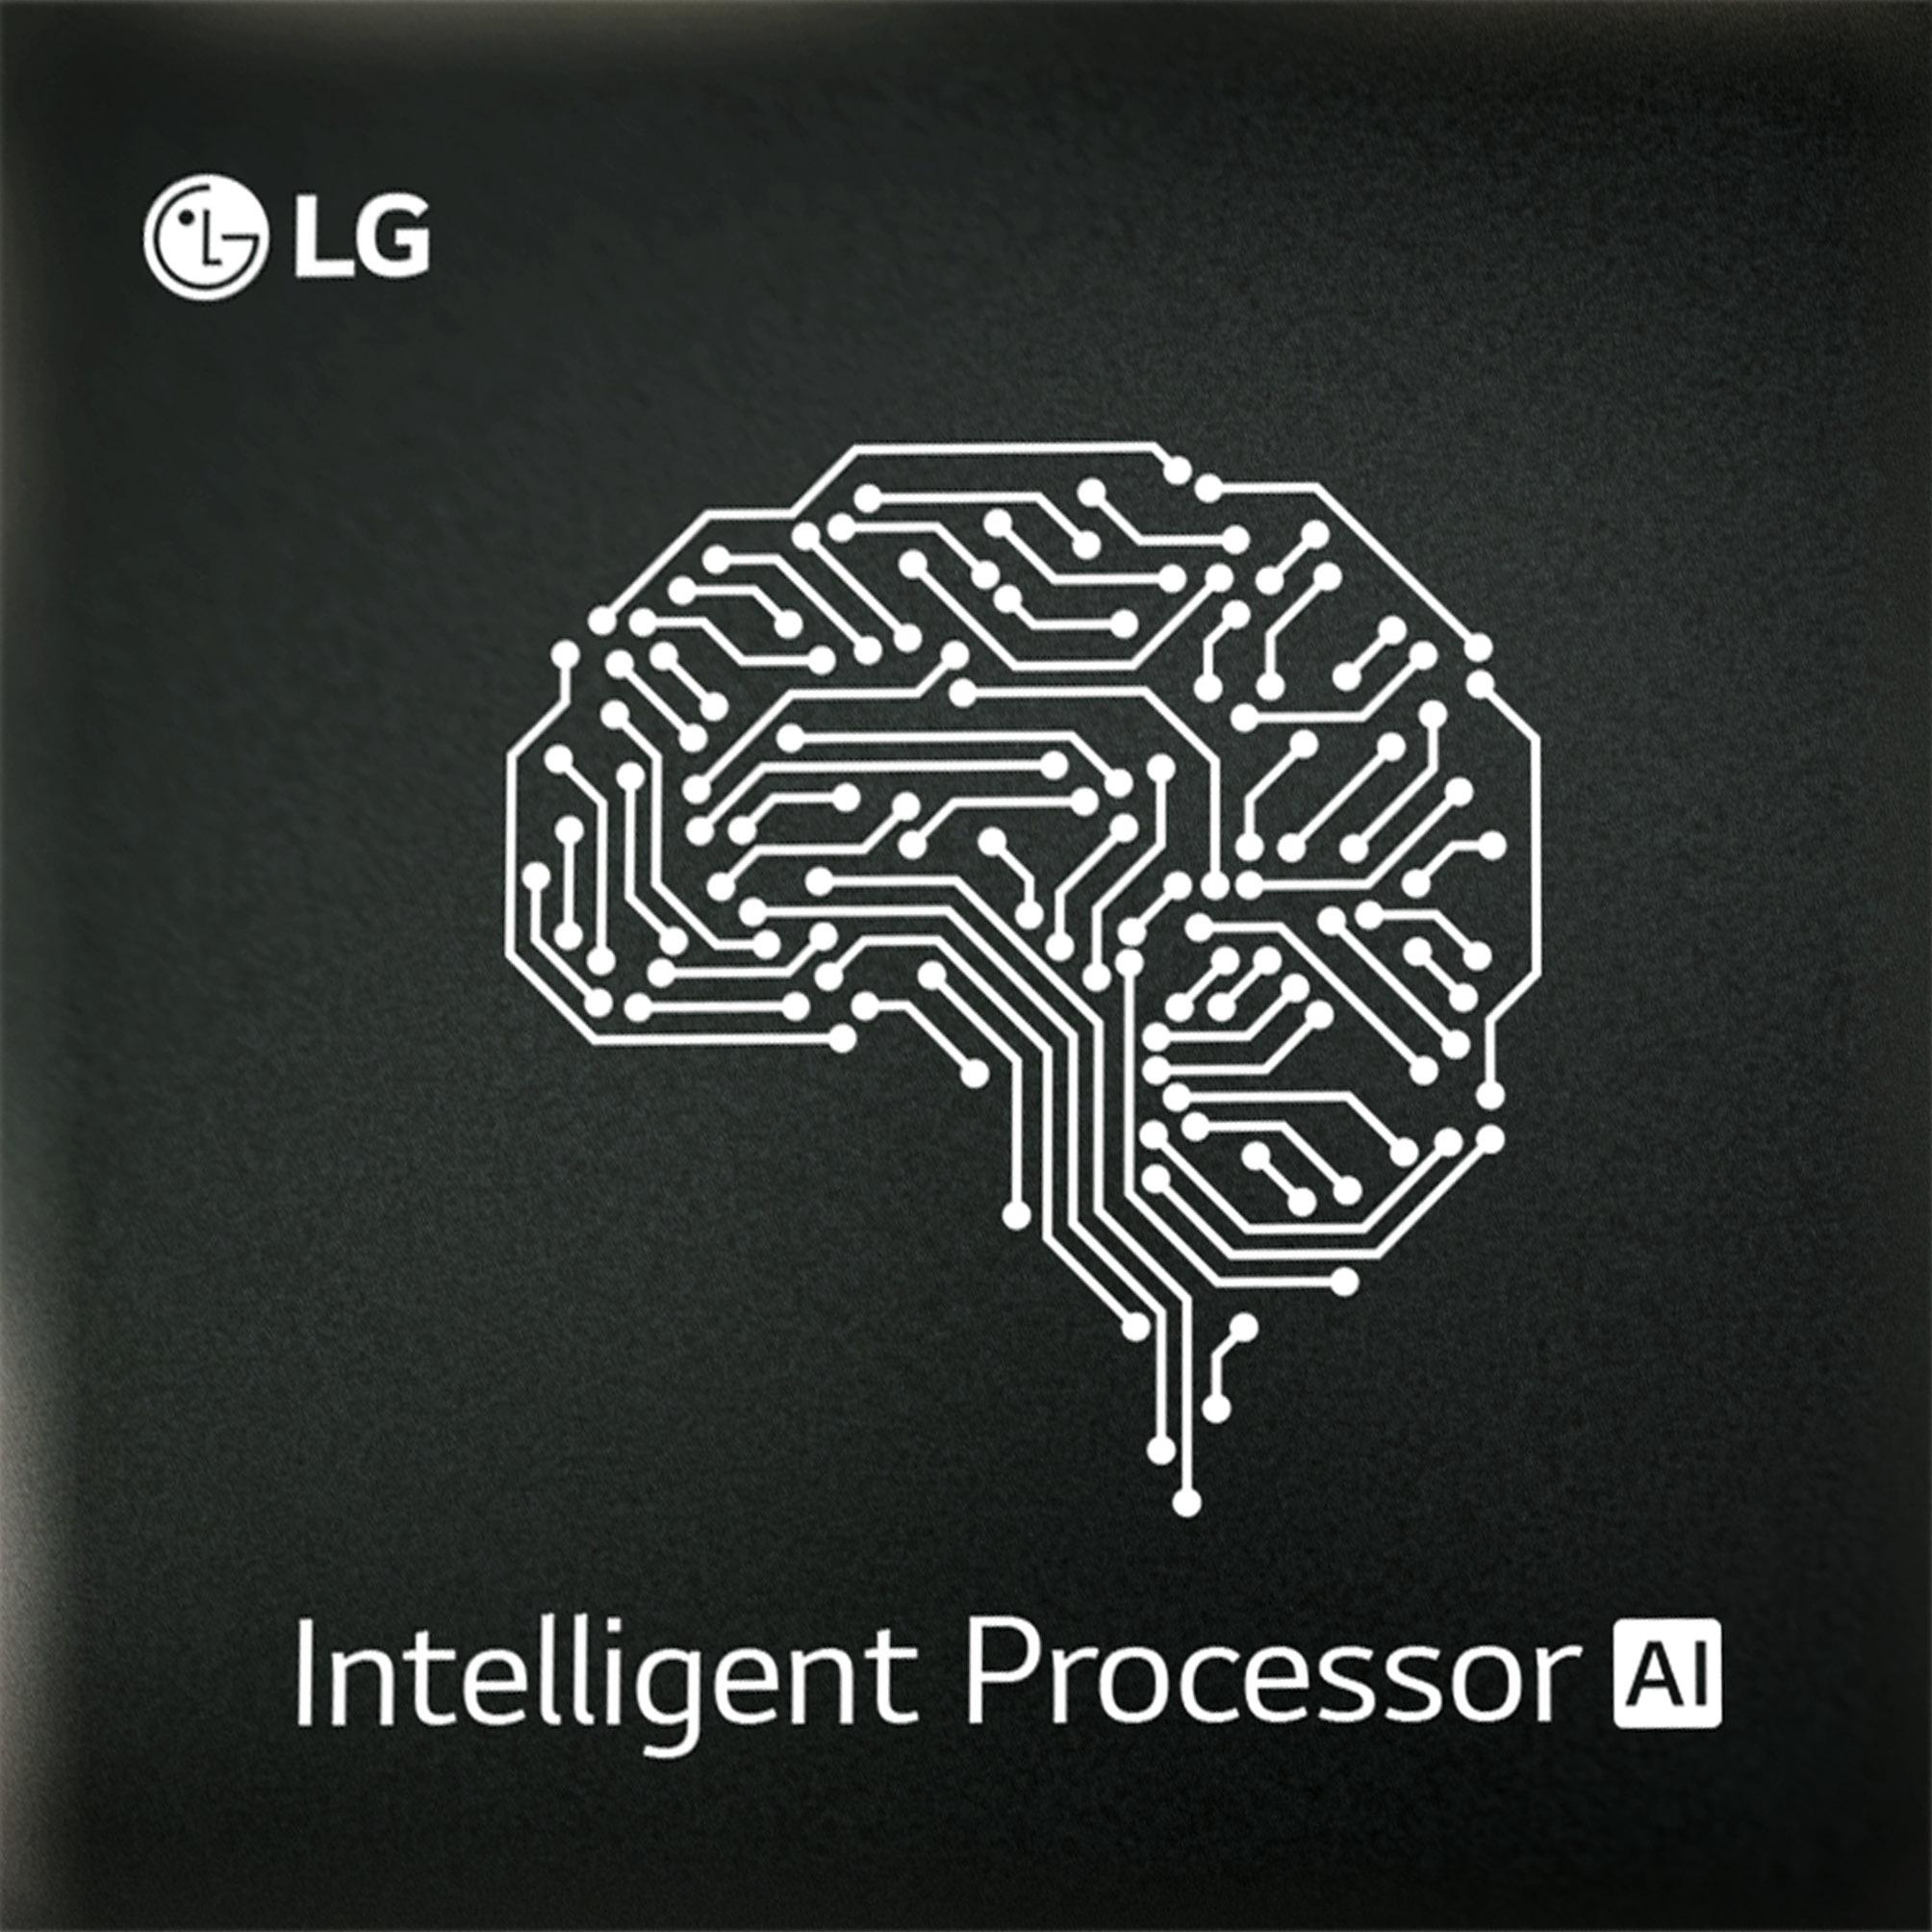 """AI칩 독자개발 """"인공지능 속도 낸다"""""""